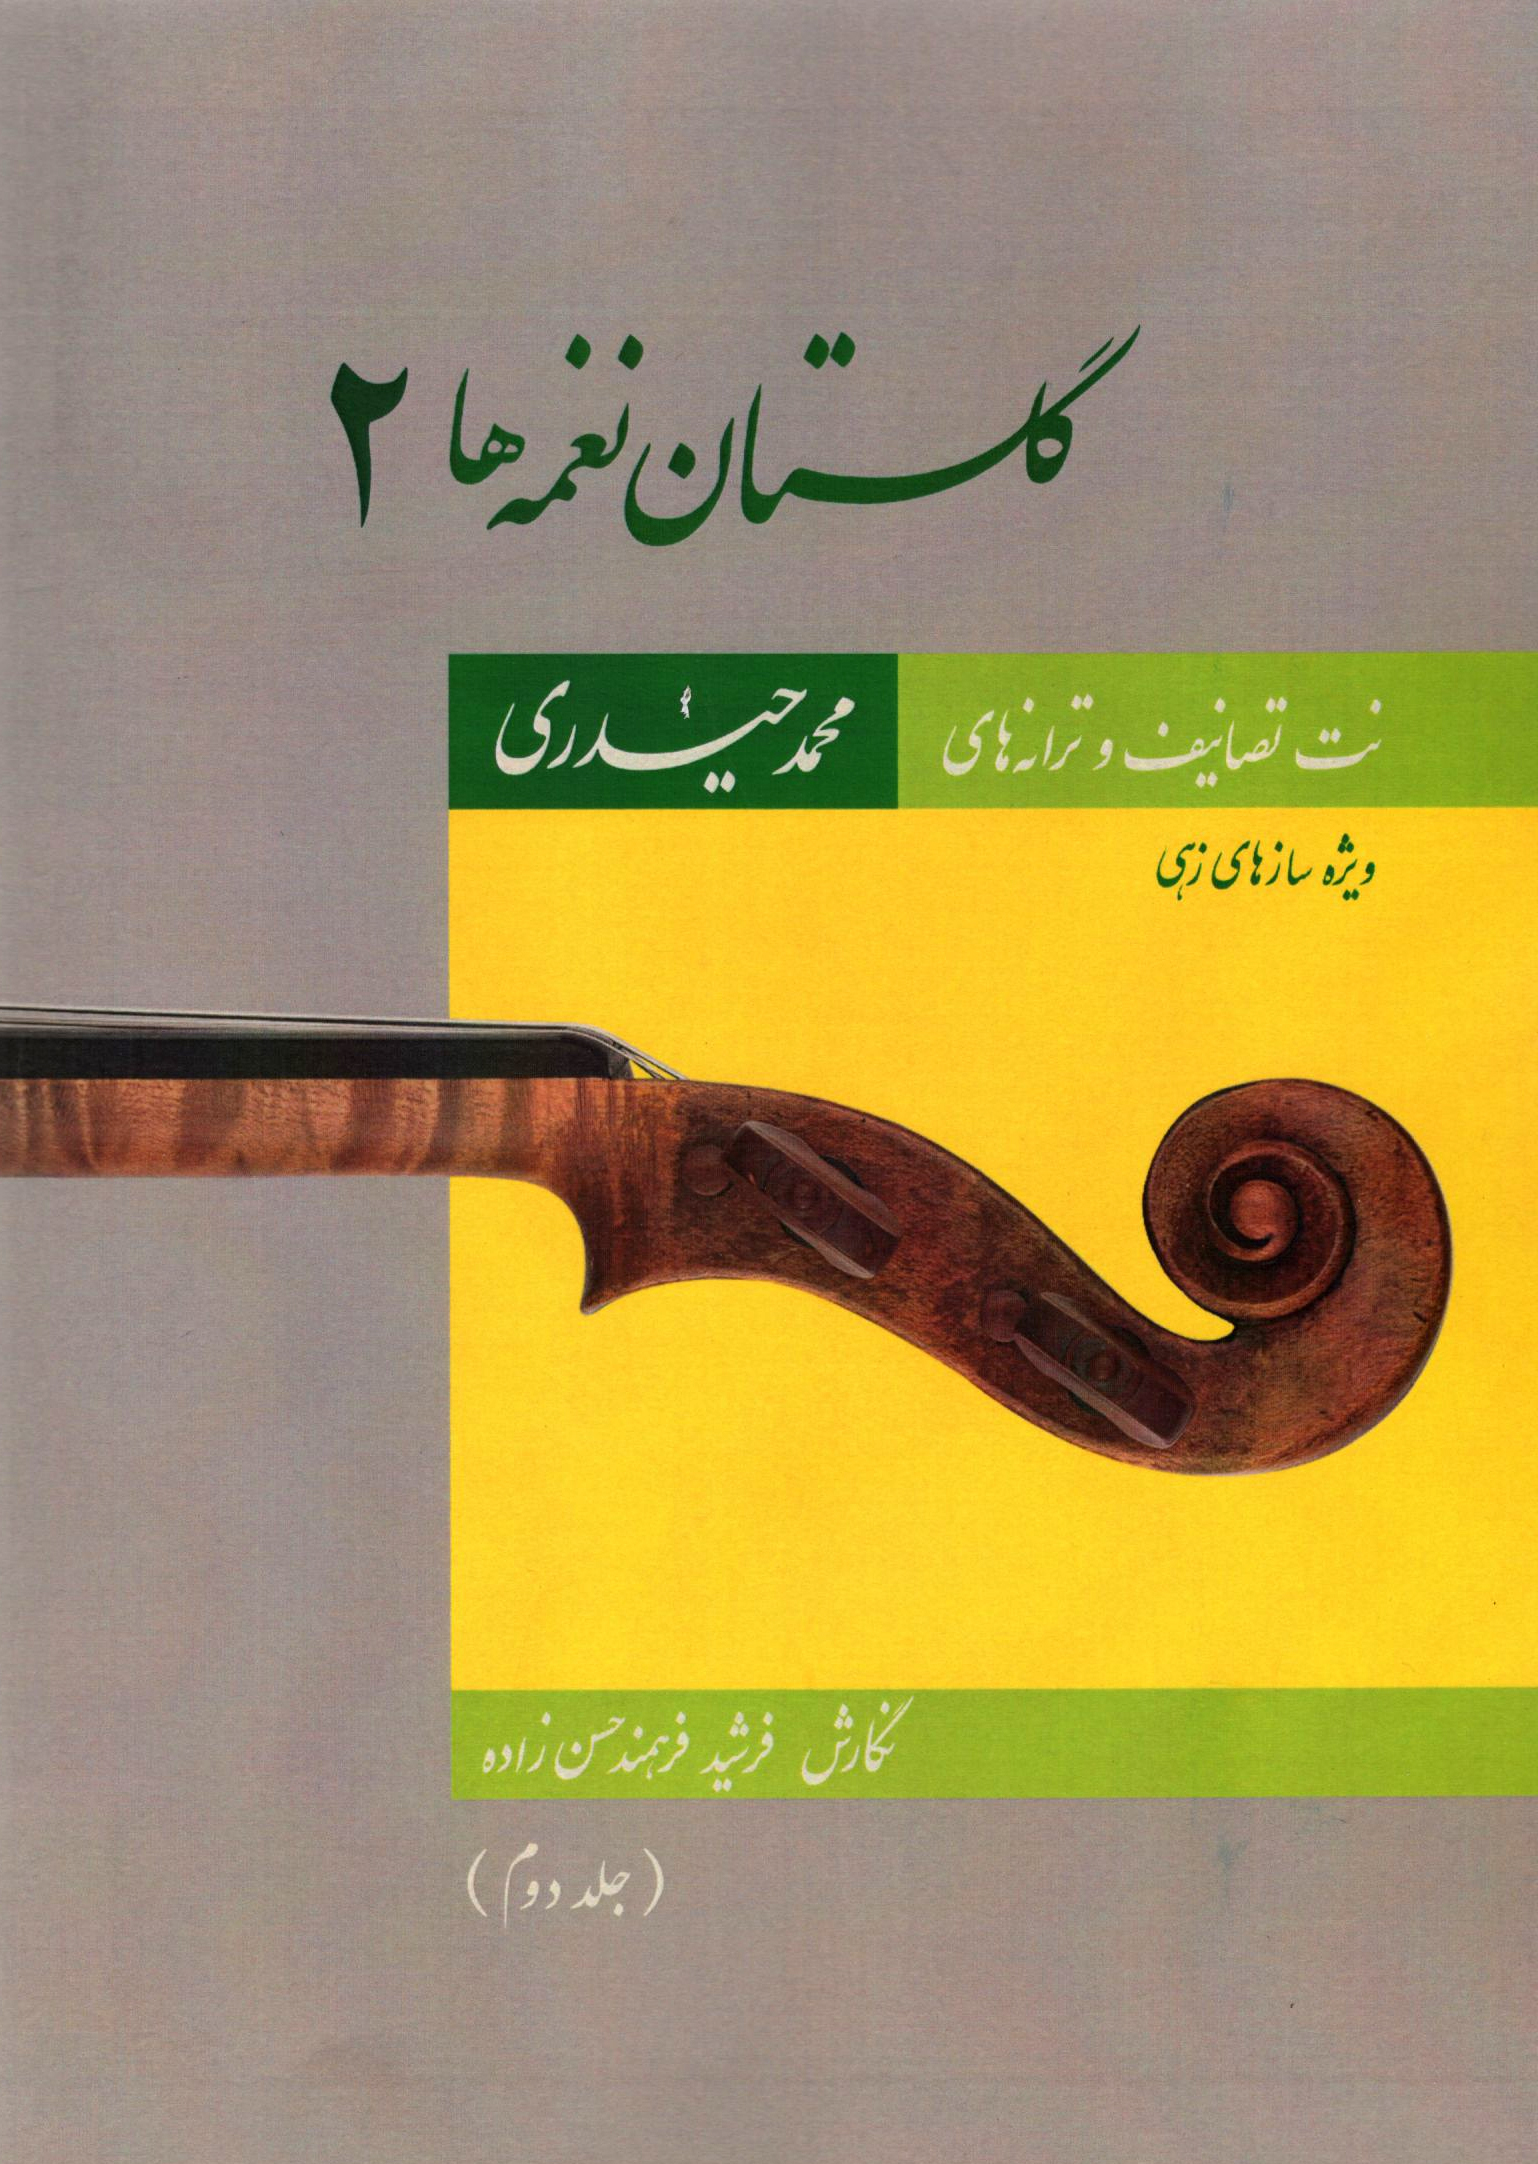 گلستان نغمه ها 2  جلد دوم محمد حیدری و فرشیدفرهمندحسن زاده